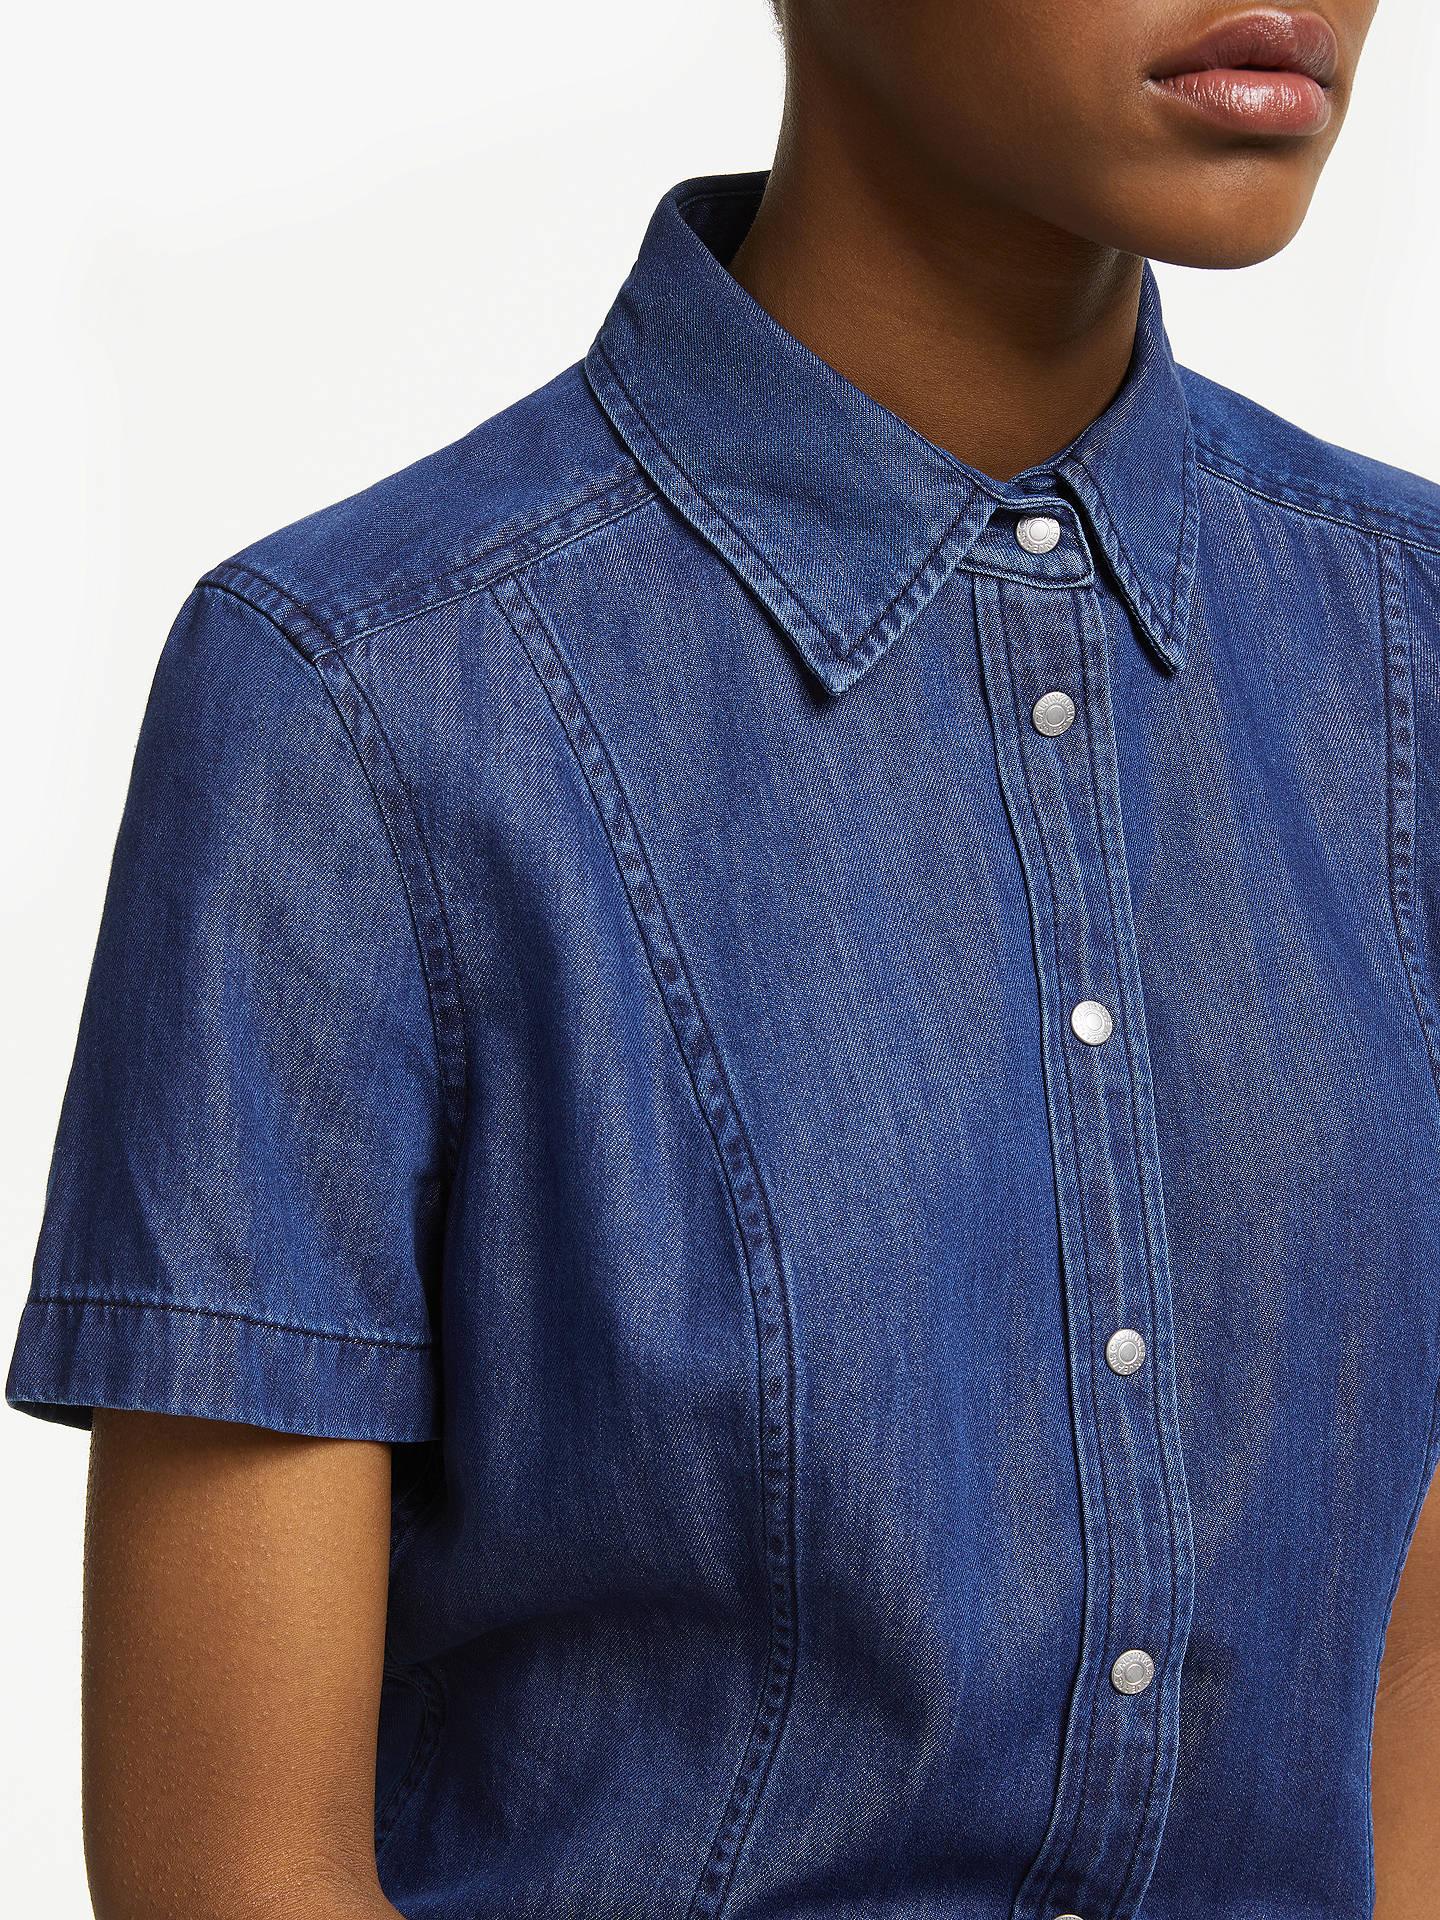 Calvin Klien Womens Navy Blue Linen